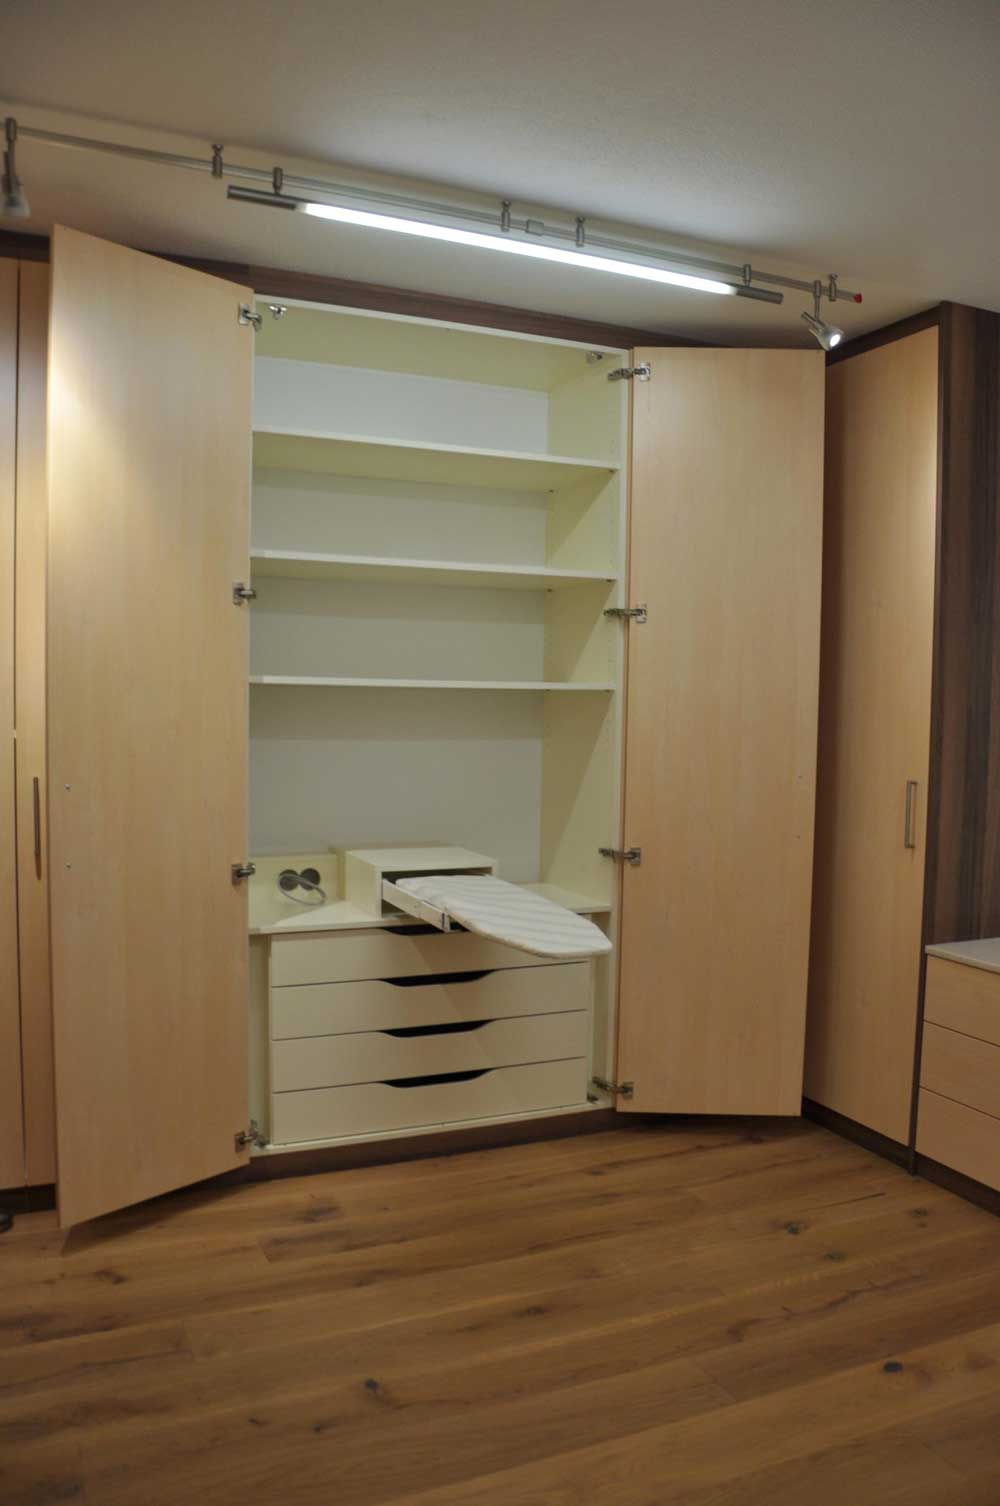 holz-vorzimmer-garderobe-vom-tischler-nach-maß-modern-planung-2